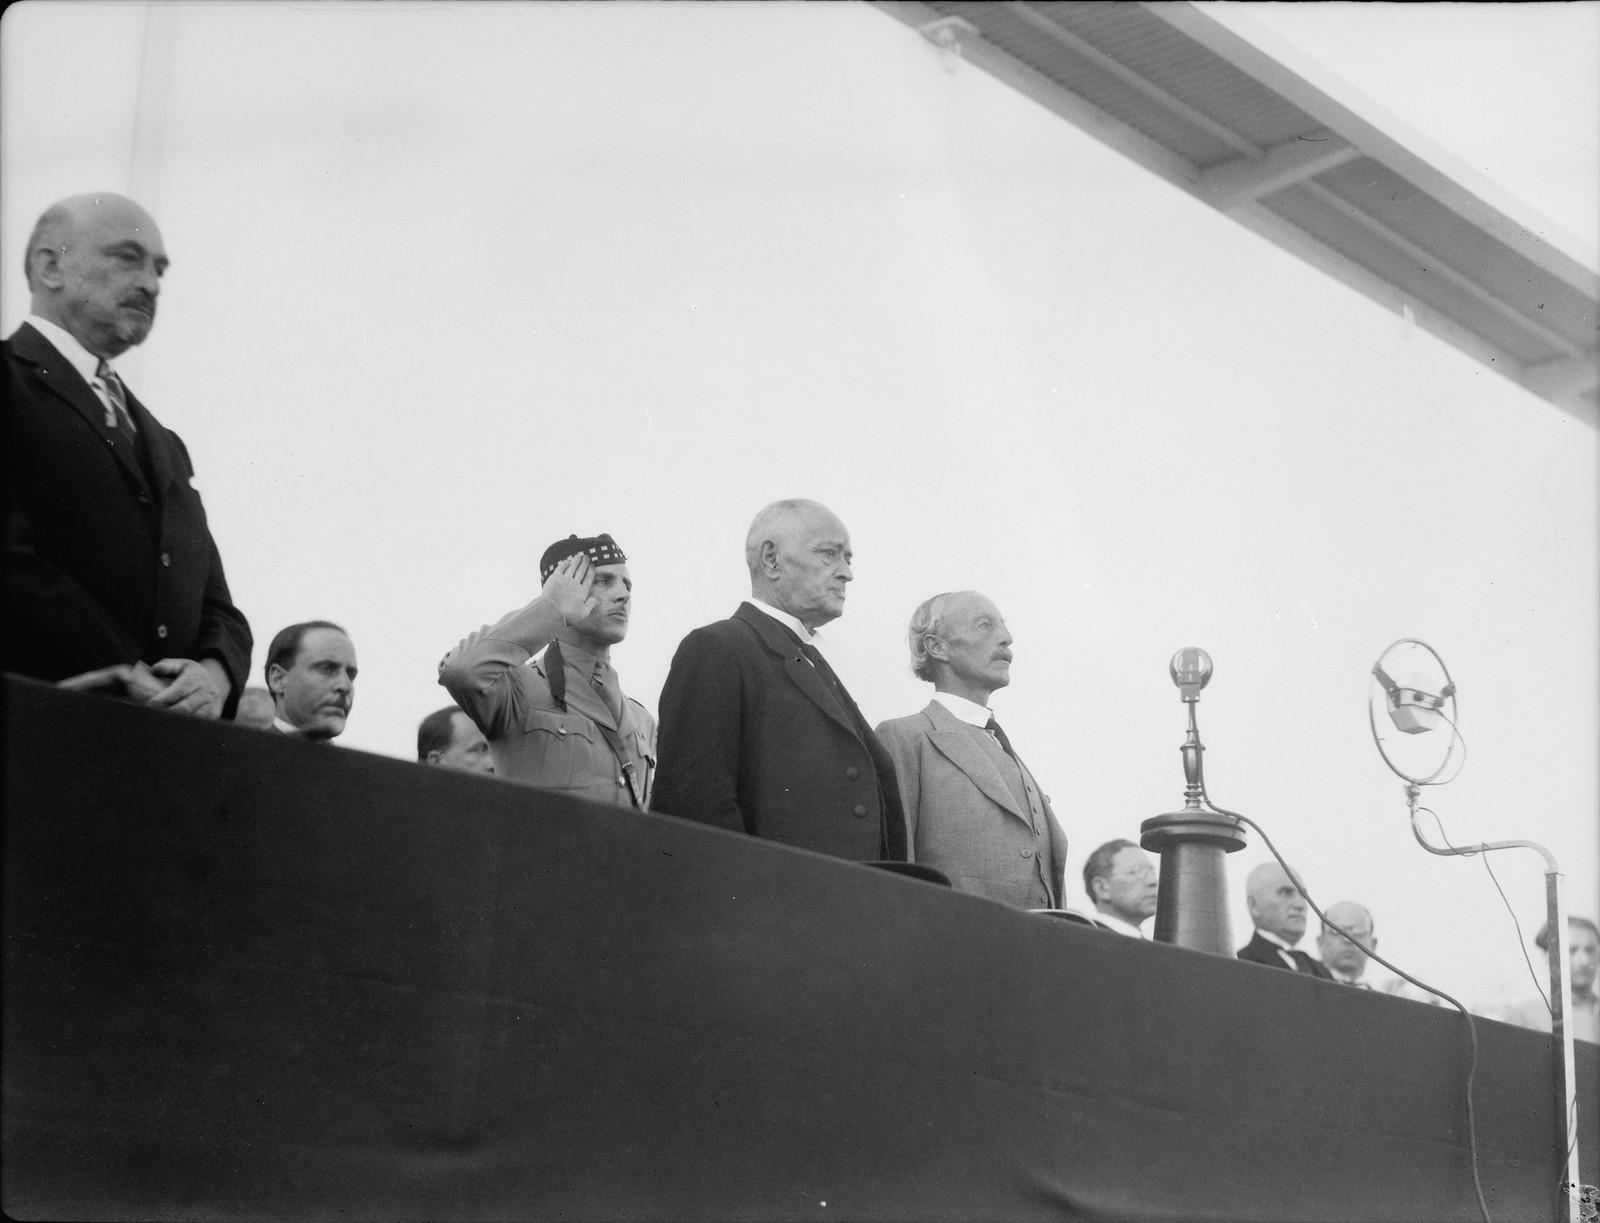 Тель-Авив. Д-р Вейцман, г-н Дизингофф и Верховный комиссар на церемонии открытия Выставки